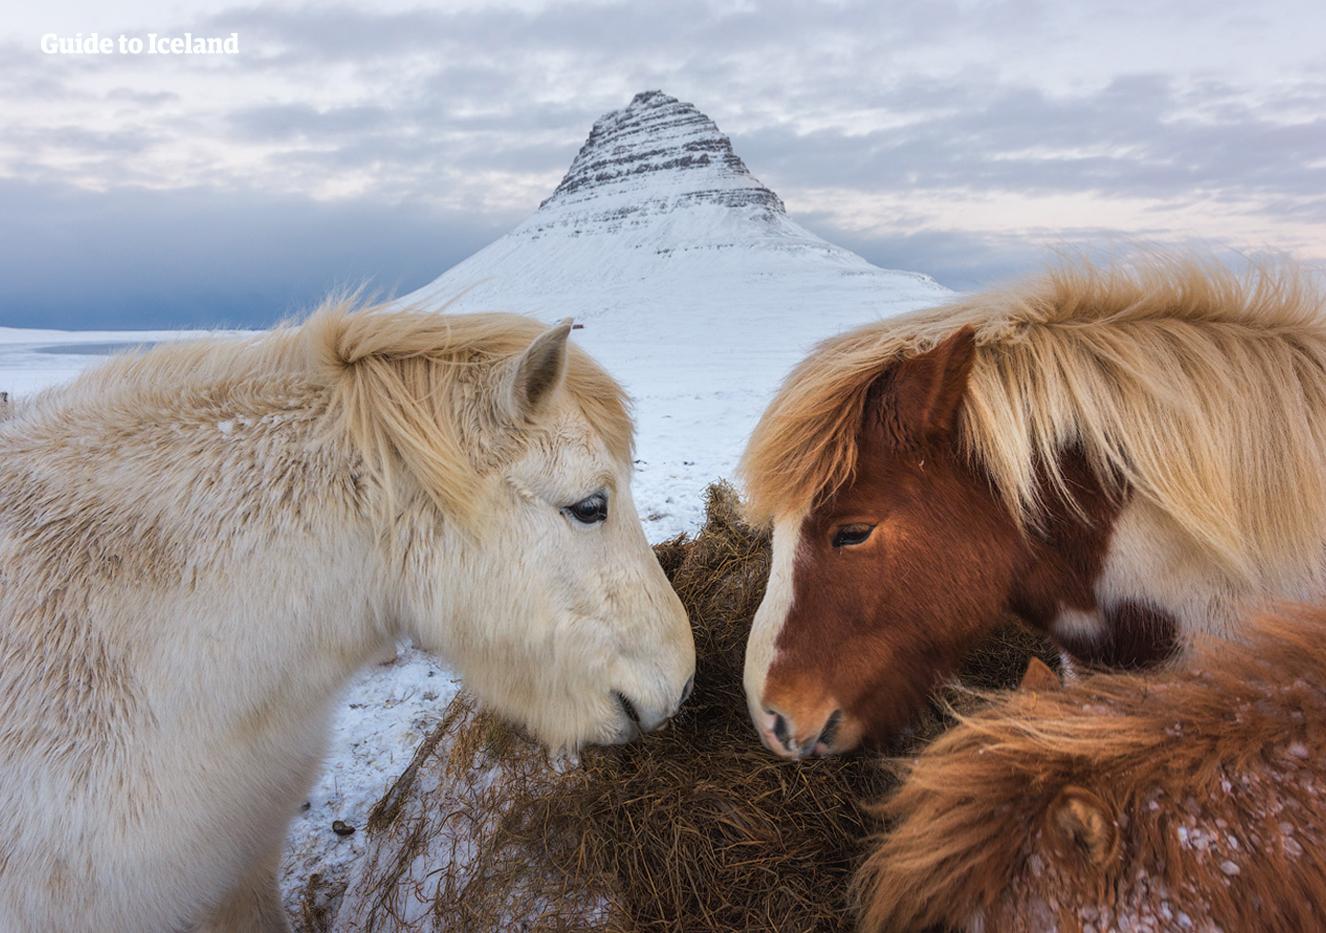 Islandpferde vor dem malerischen Berg Kirkjufell auf der Halbinsel Snæfellsnes.